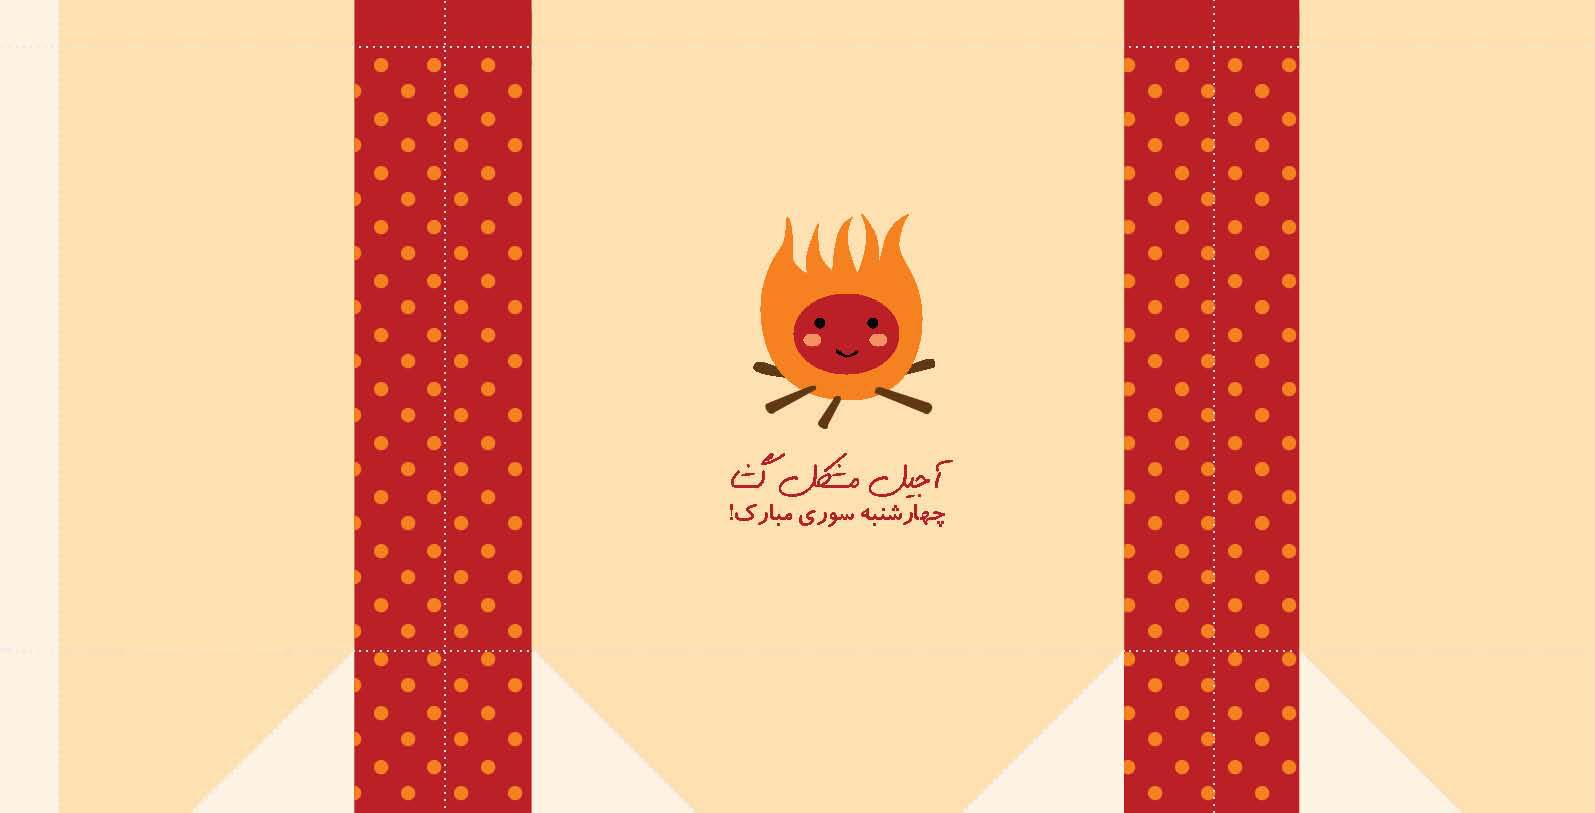 الگوی پاکت آجیل چهارشنبه سوری